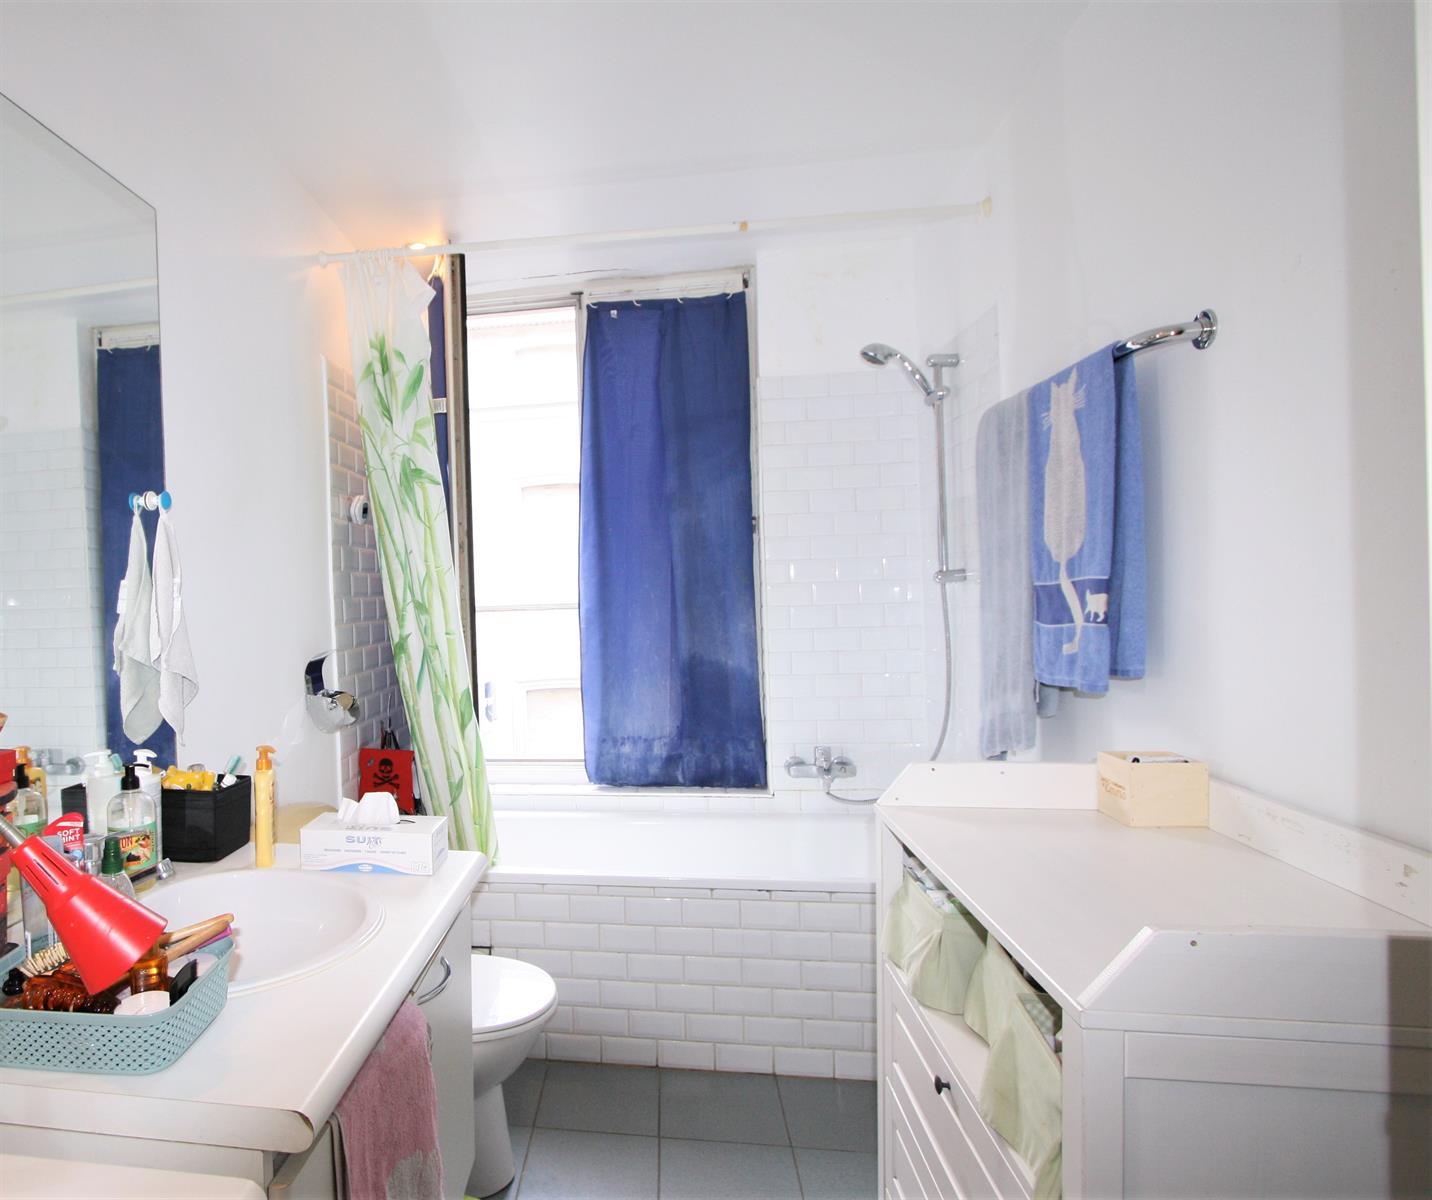 Duplex - Ixelles - #4131453-3